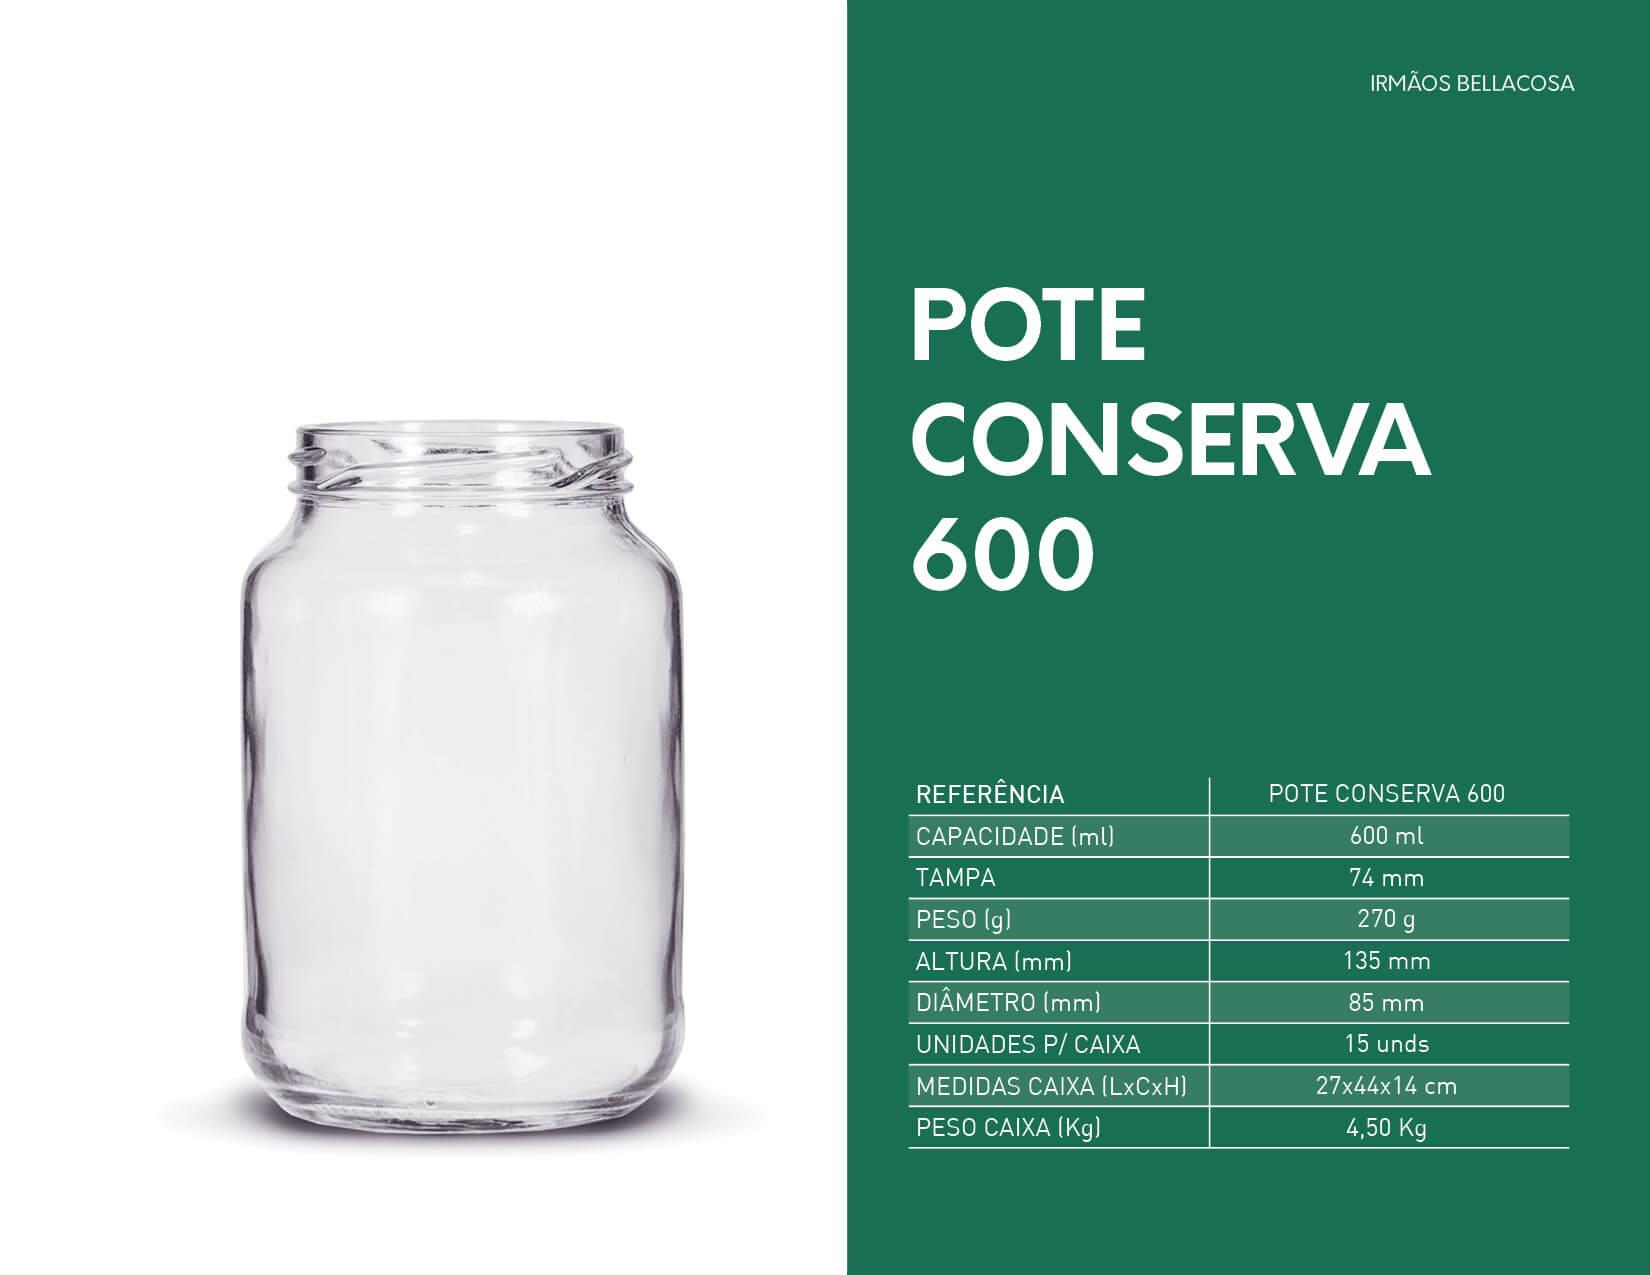 004-Pote-Conserva-600-irmaos-bellacosa-embalagens-de-vidro